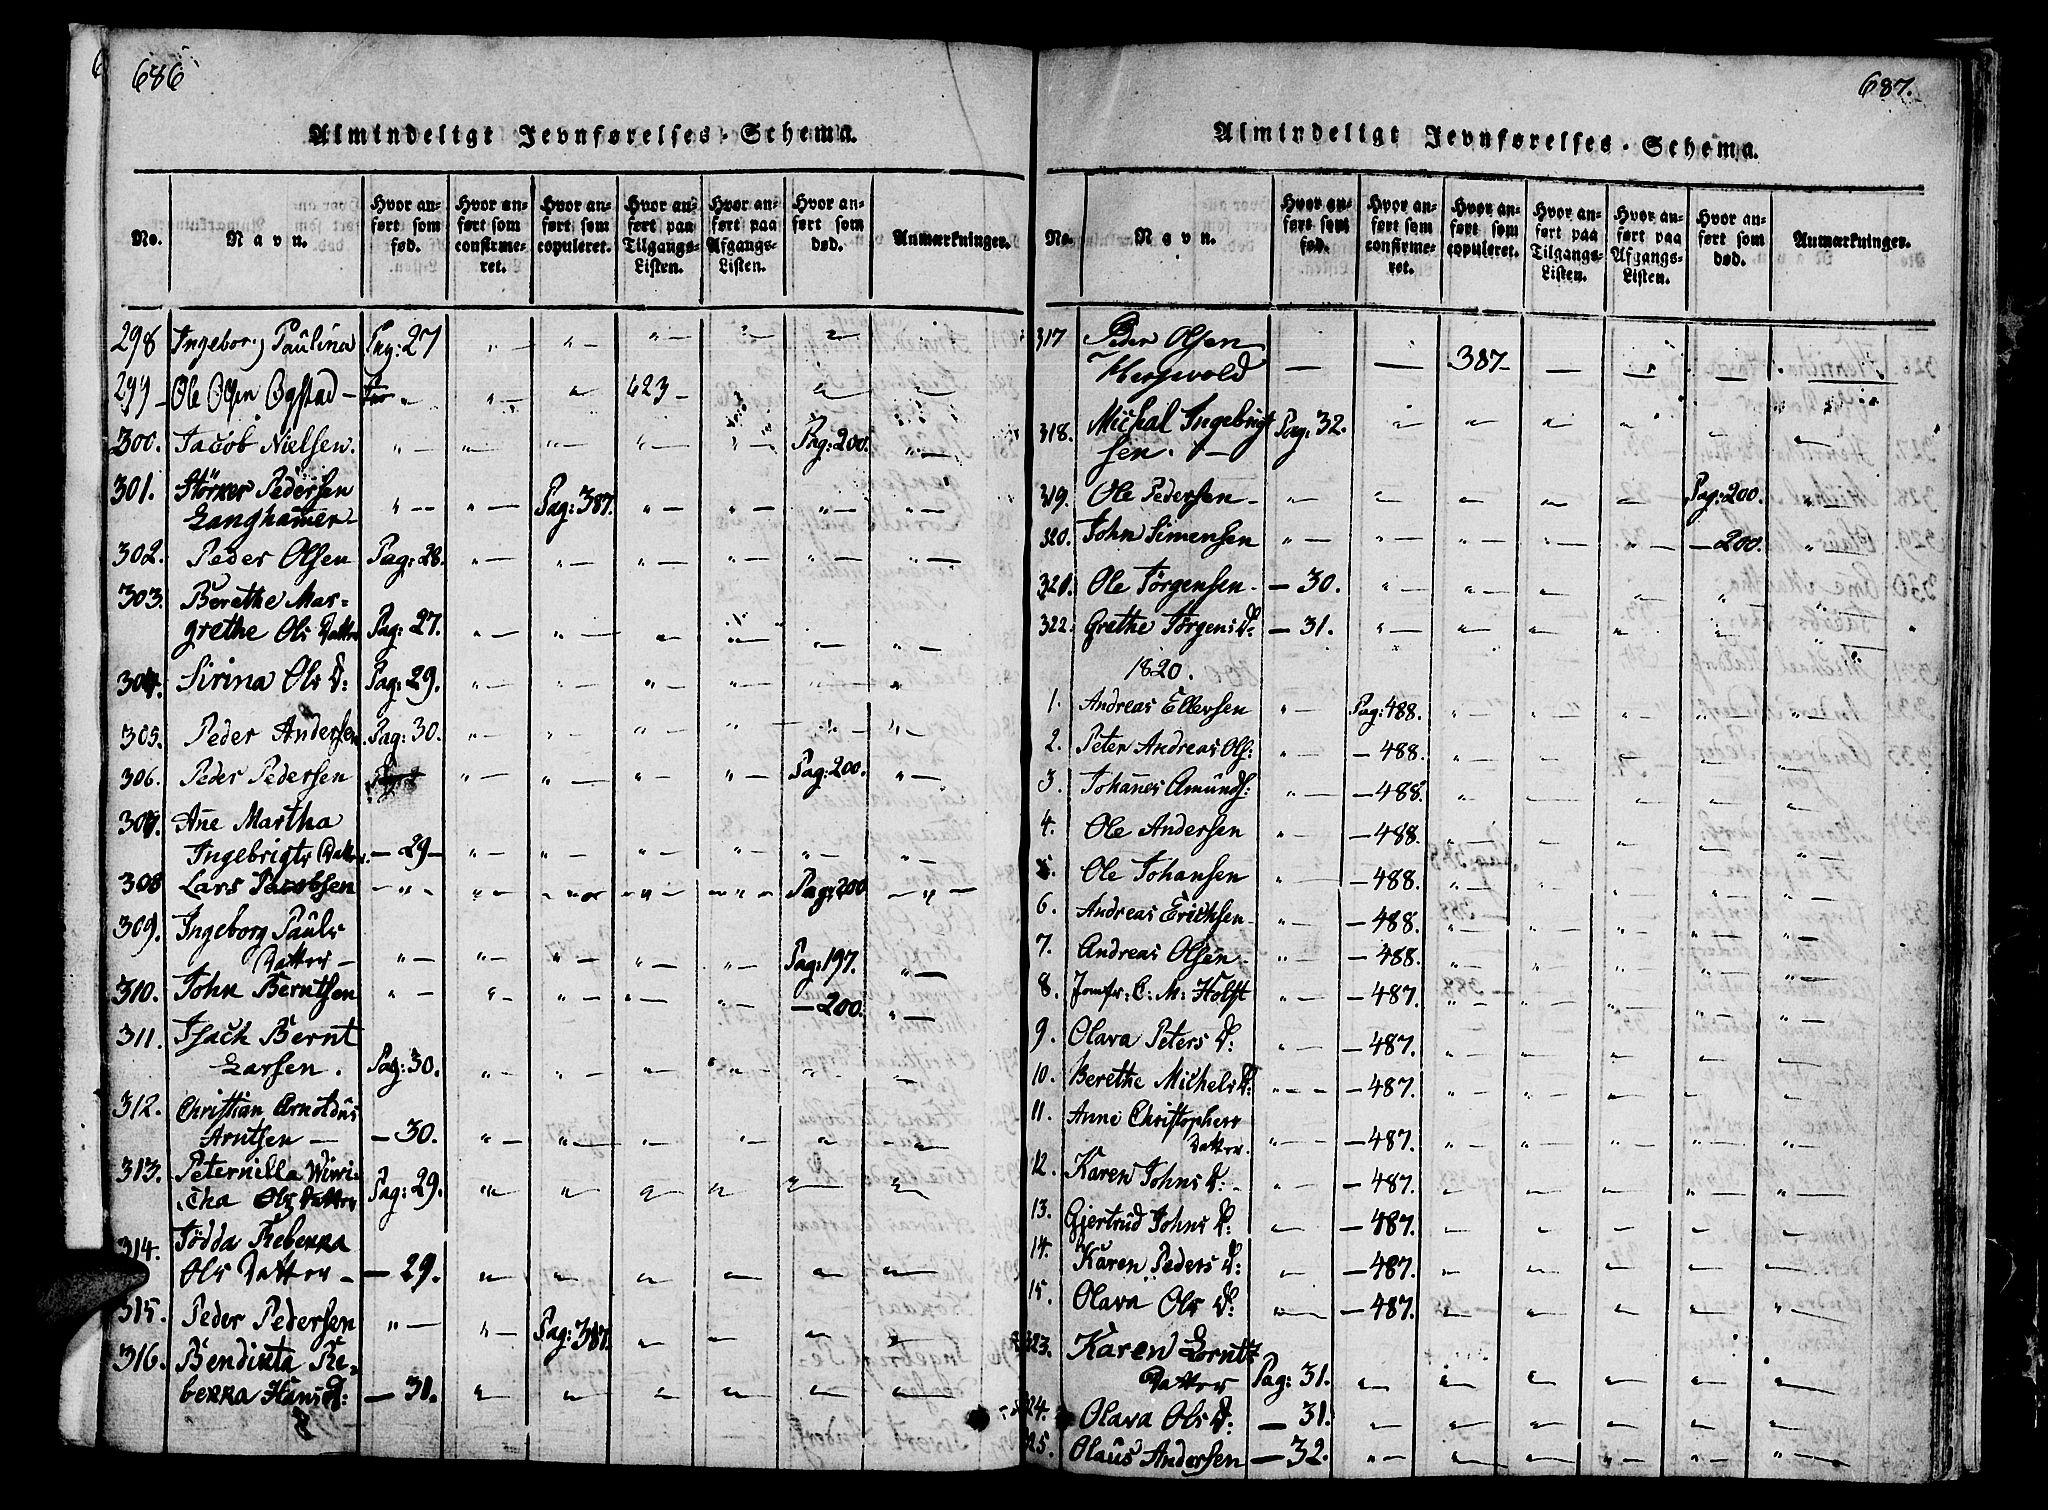 SAT, Ministerialprotokoller, klokkerbøker og fødselsregistre - Nord-Trøndelag, 746/L0441: Ministerialbok nr. 746A03 /1, 1816-1827, s. 686-687